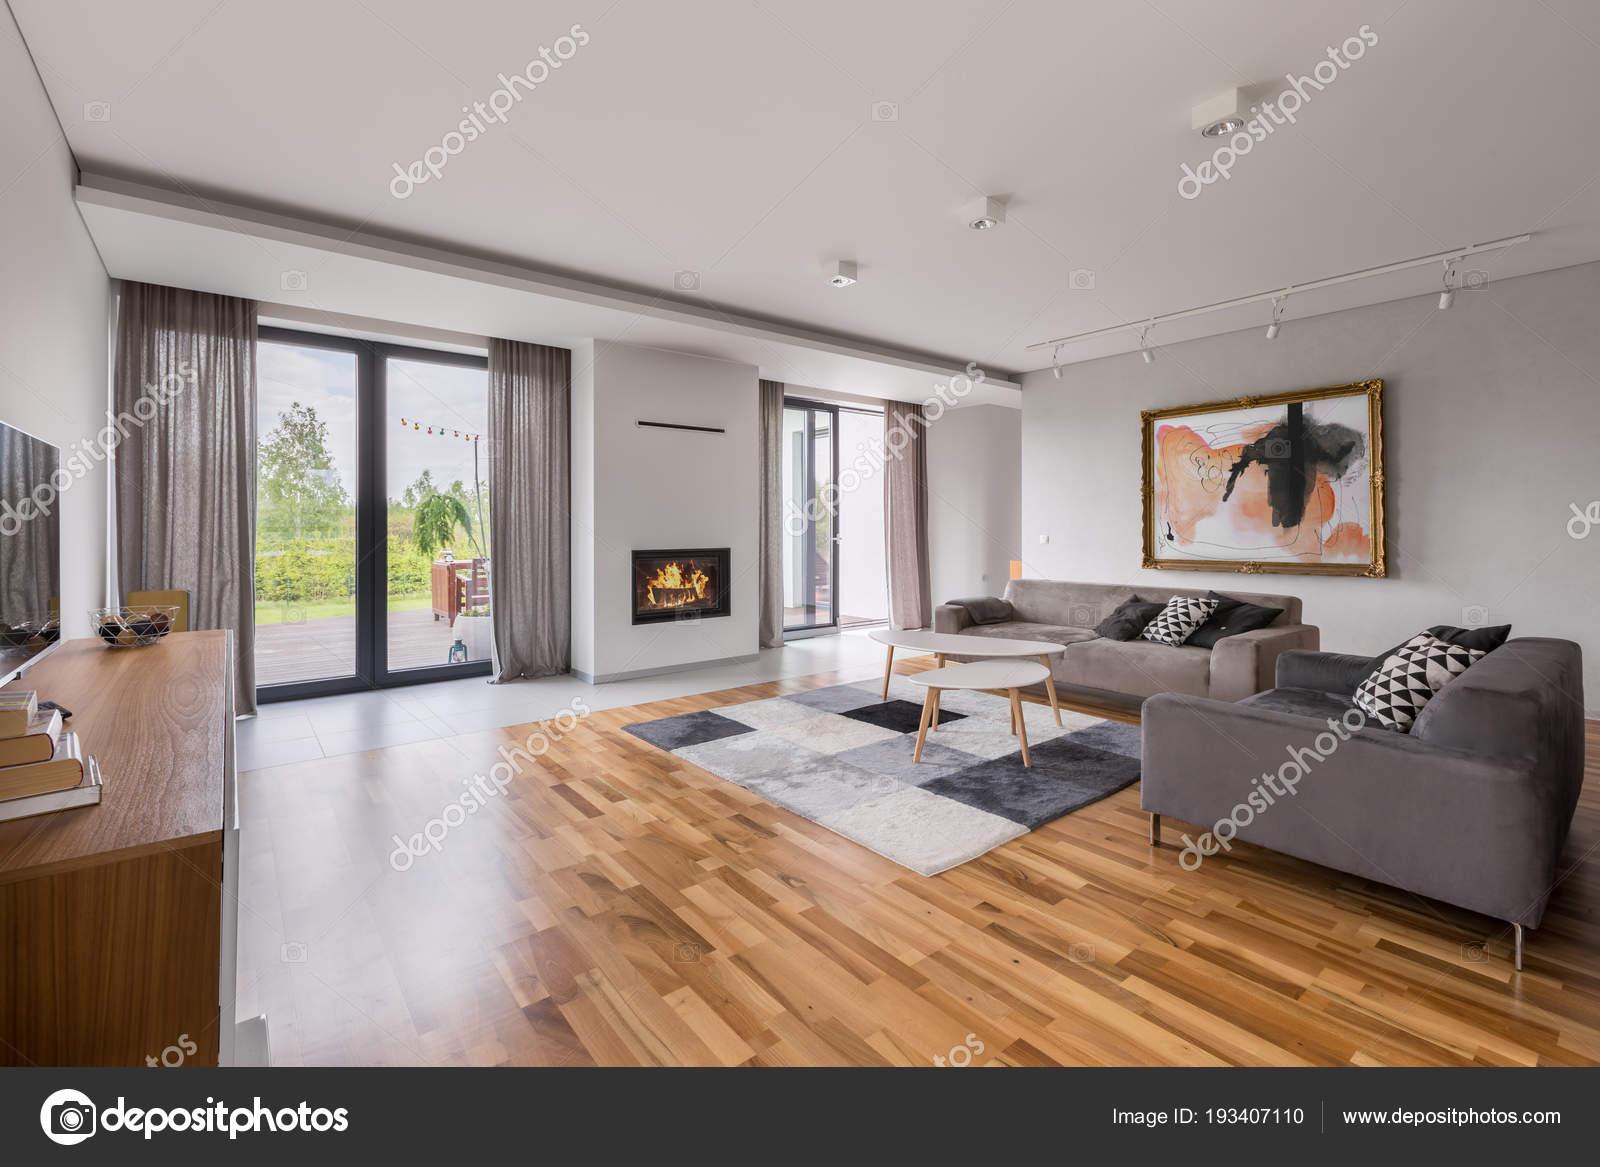 Geraumiges Wohnzimmer Mit Sofa Stockfoto C In4mal 193407110